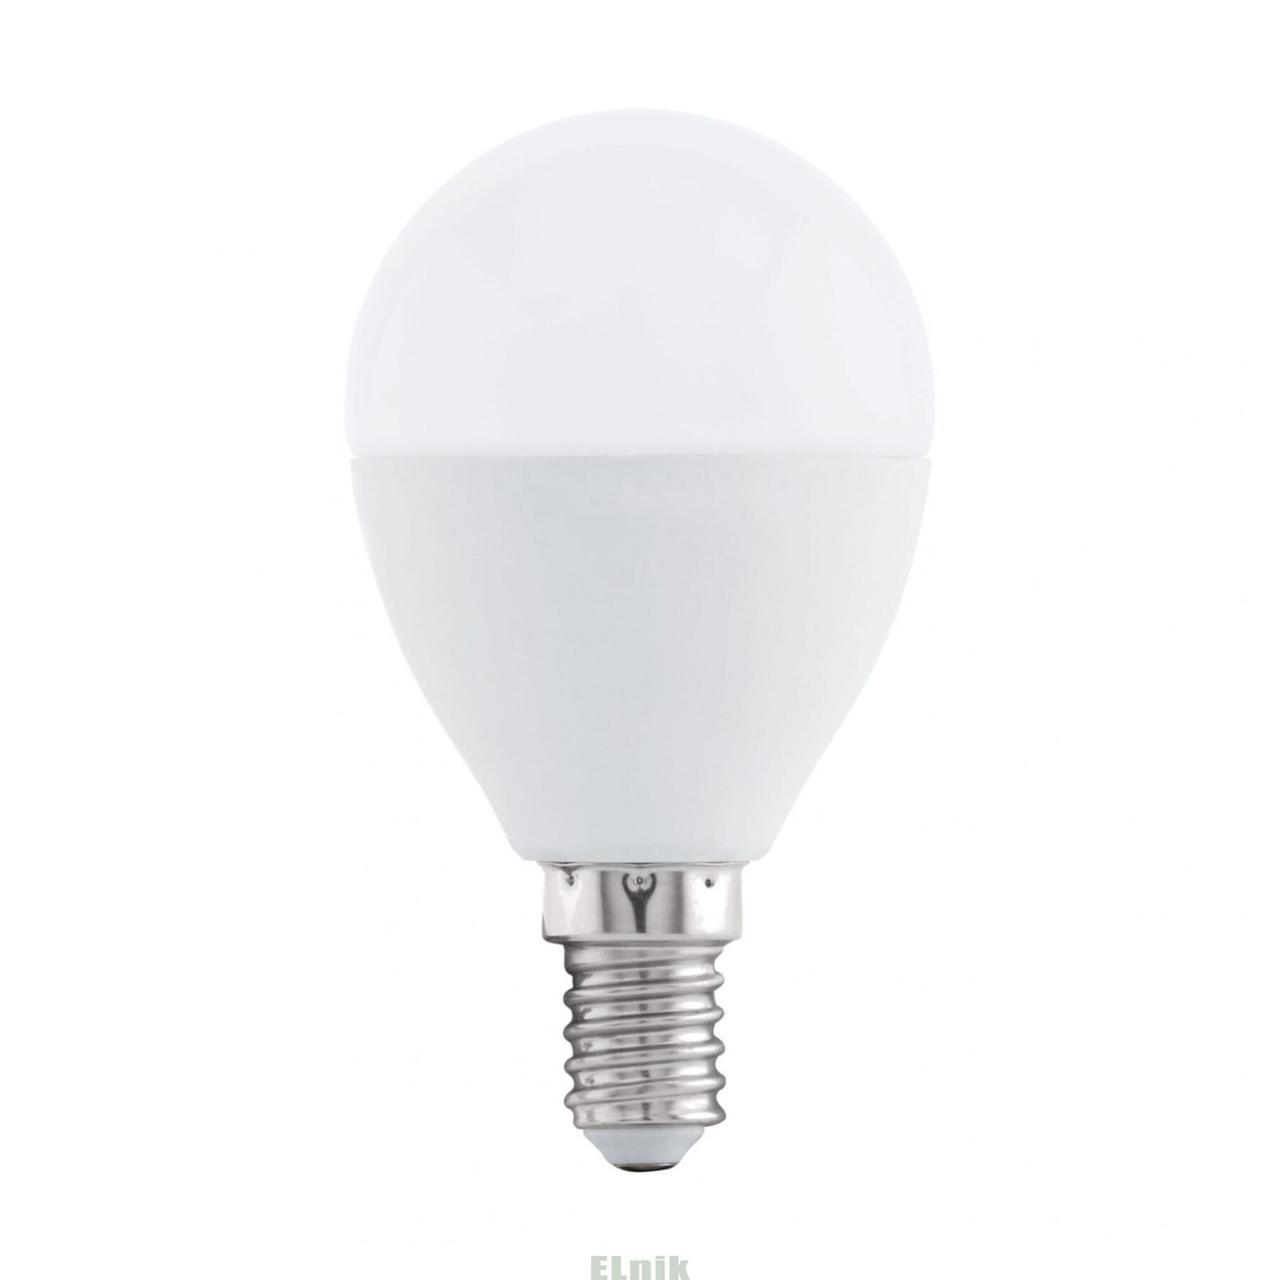 Лампа RGB светодиодная диммируемая умный свет LM LED 2700-6500K GU10, Eglo [11672]